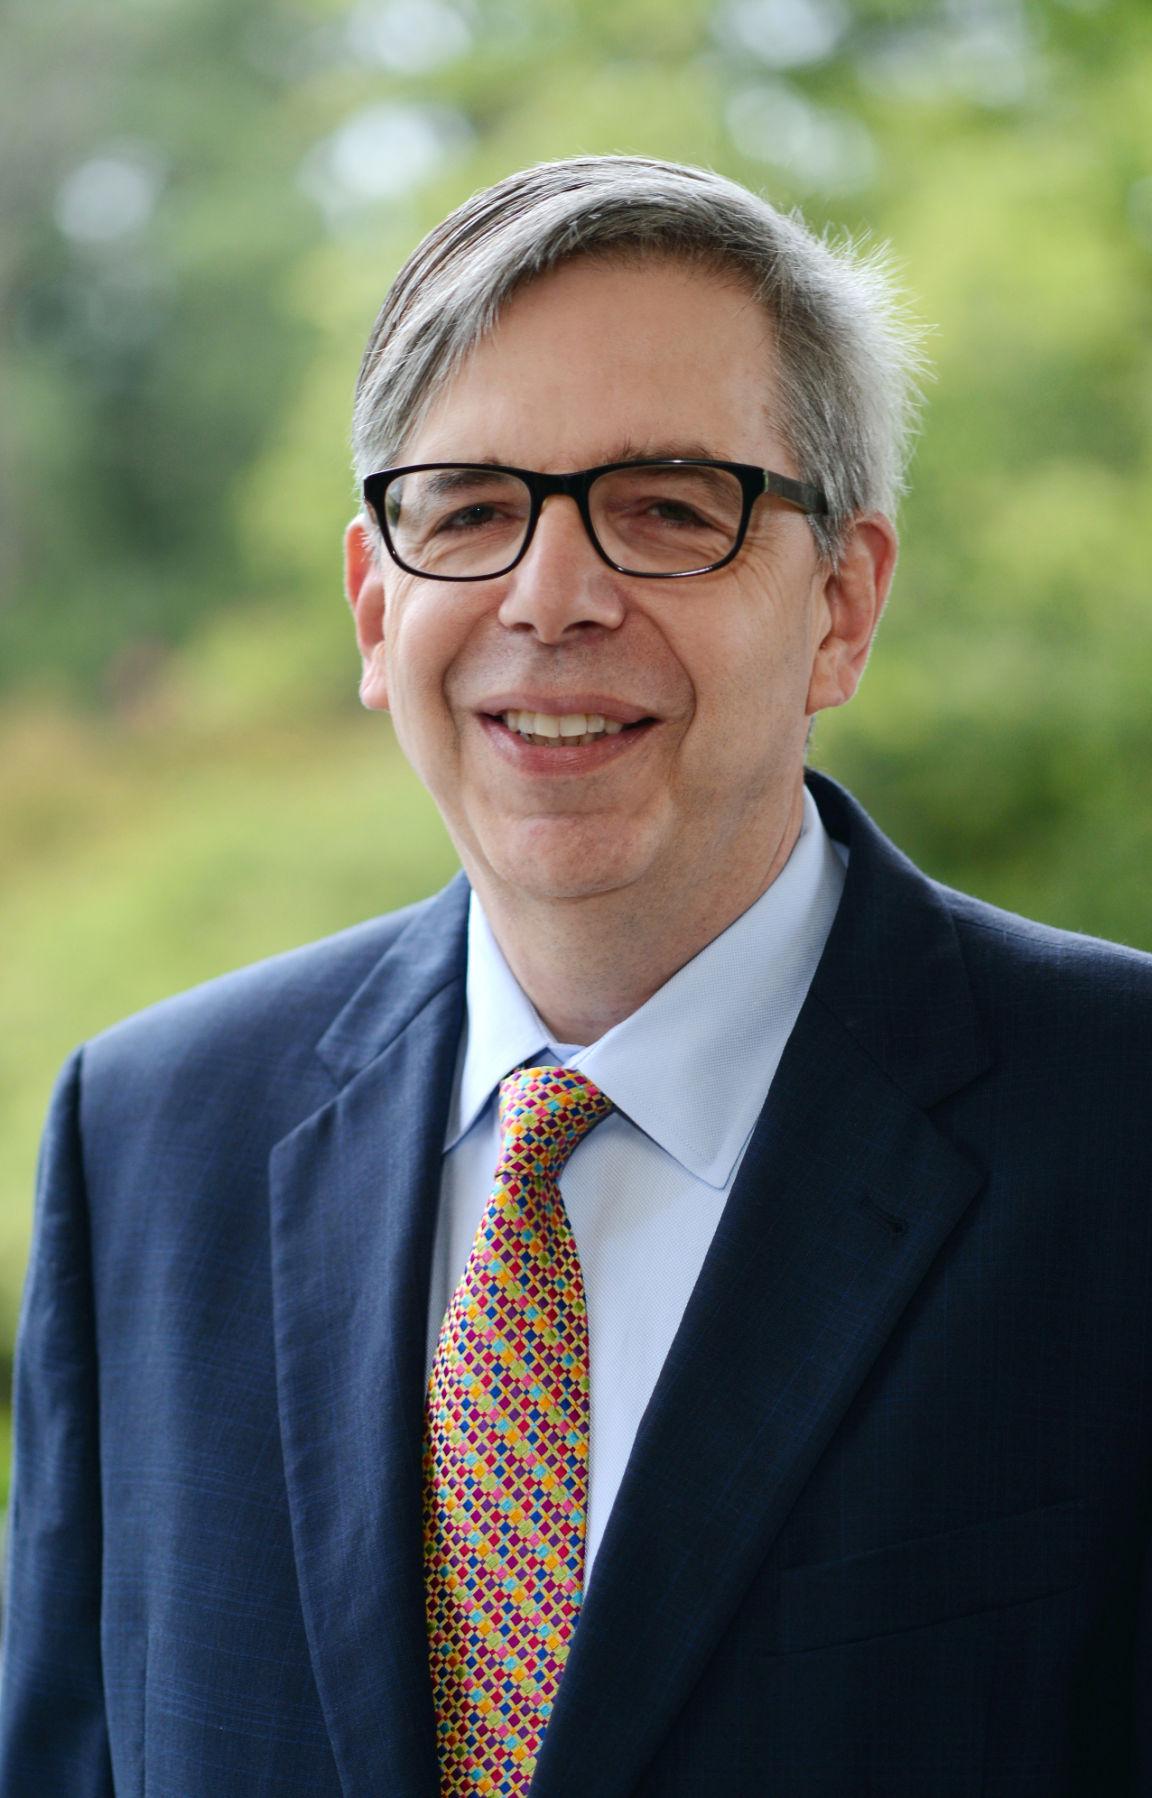 Tom Silvestri